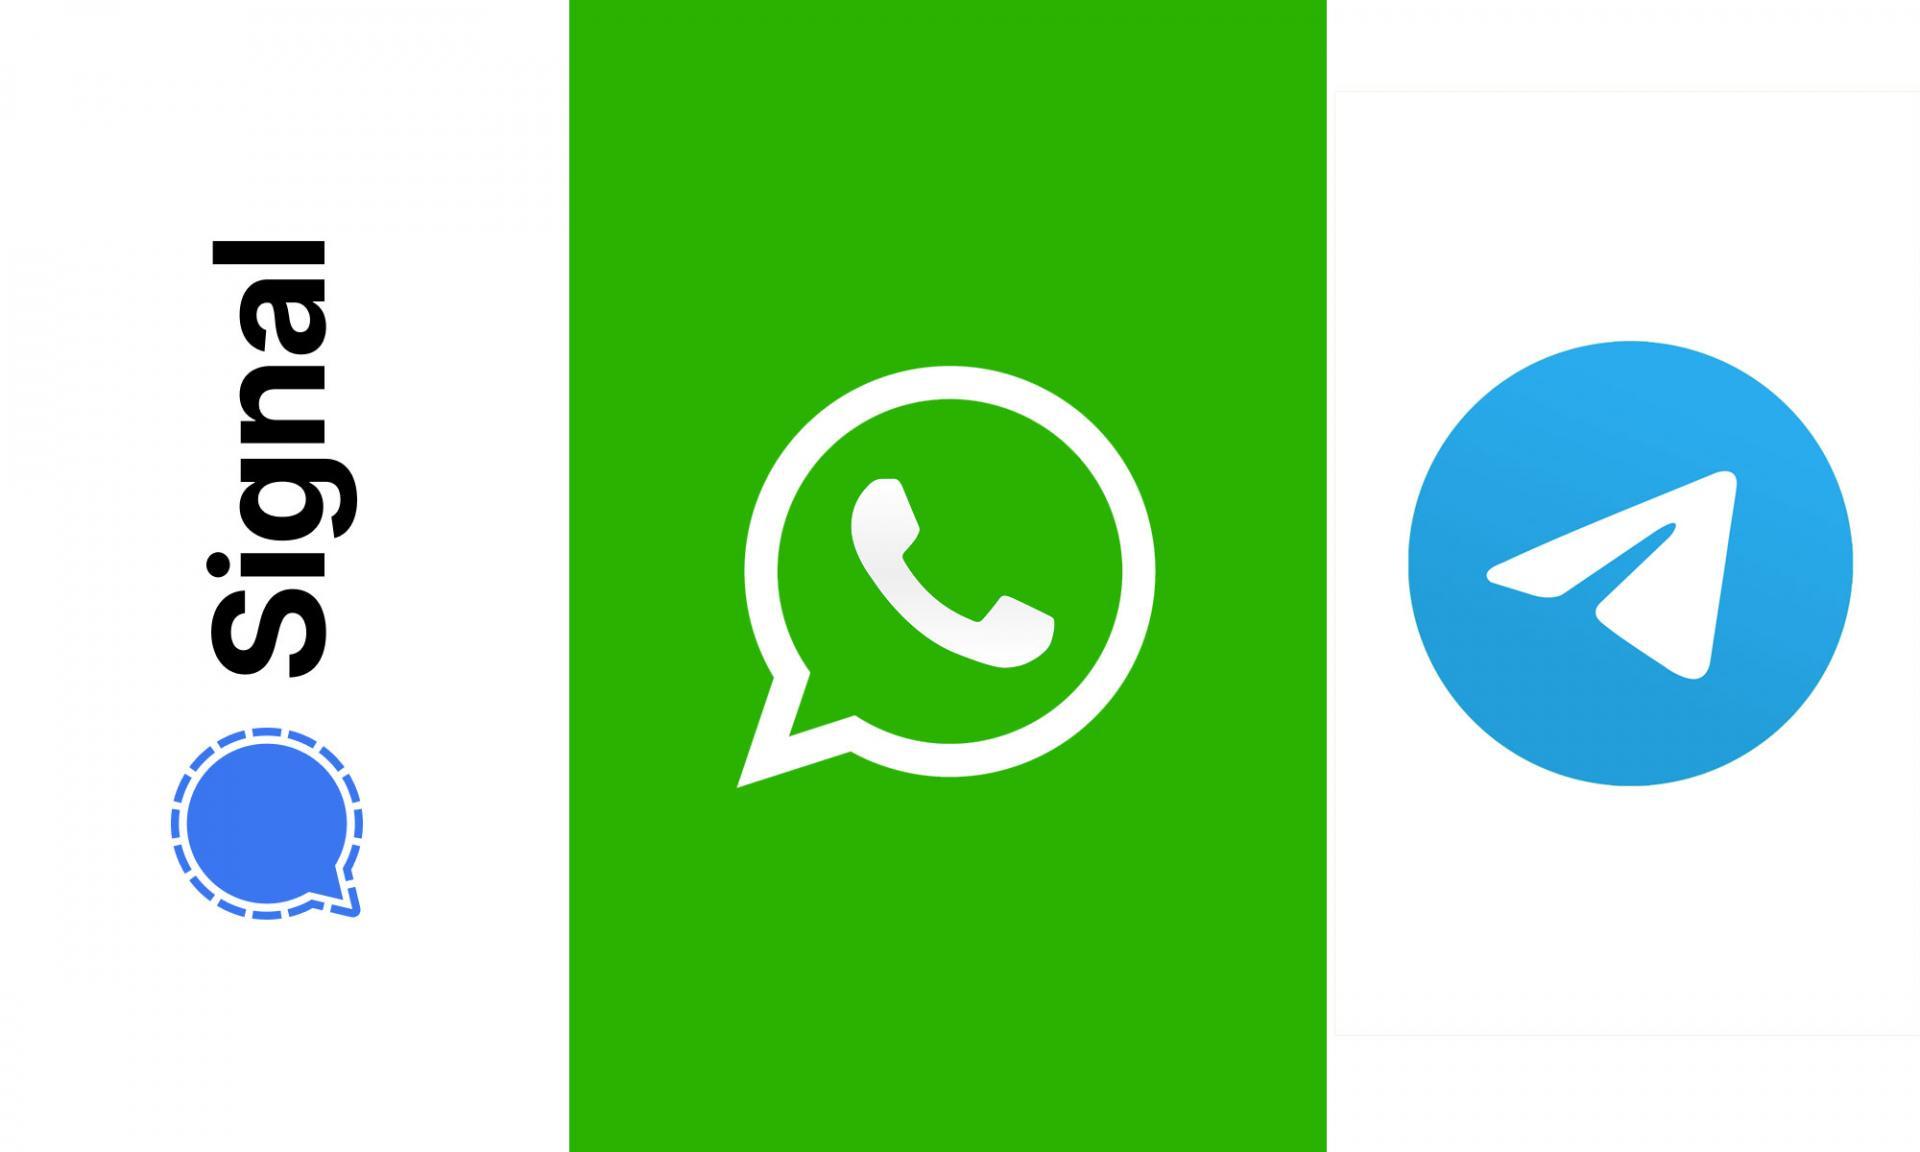 Signal превосходит побезопасностиWhatsApp или Telegram – ивот почему